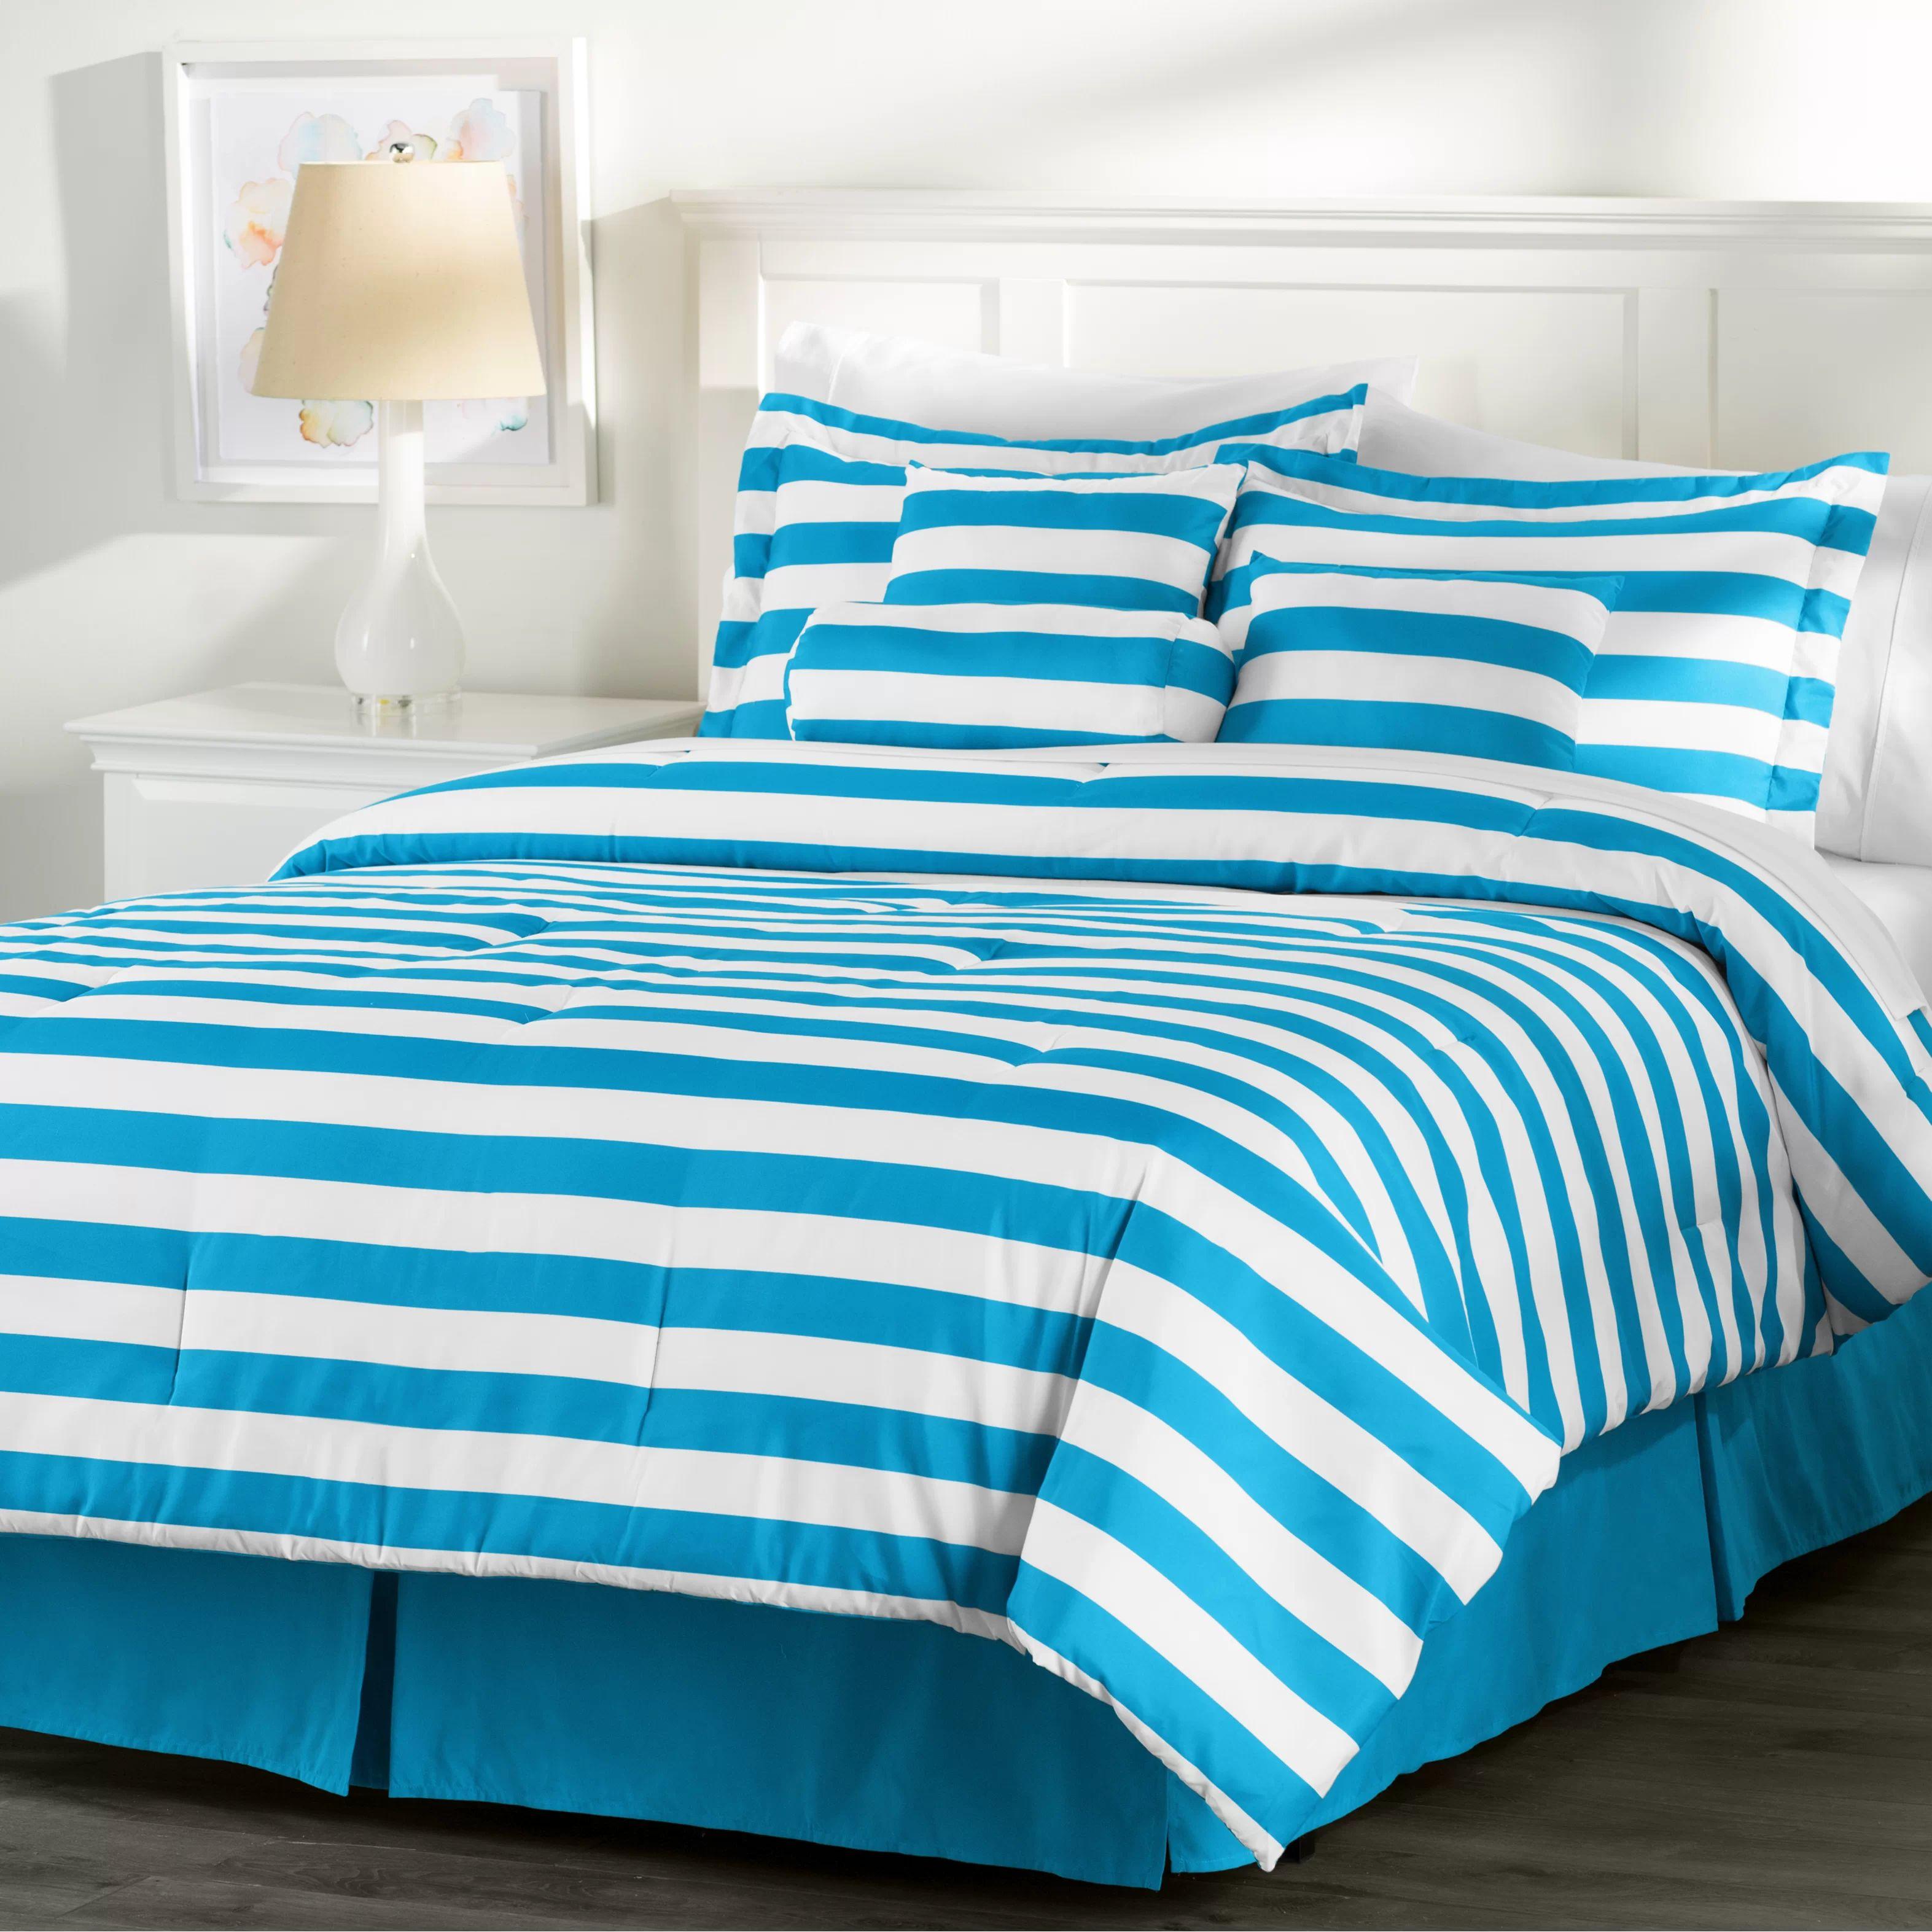 Wayfair basics wayfair basics 7 piece comforter set amp reviews